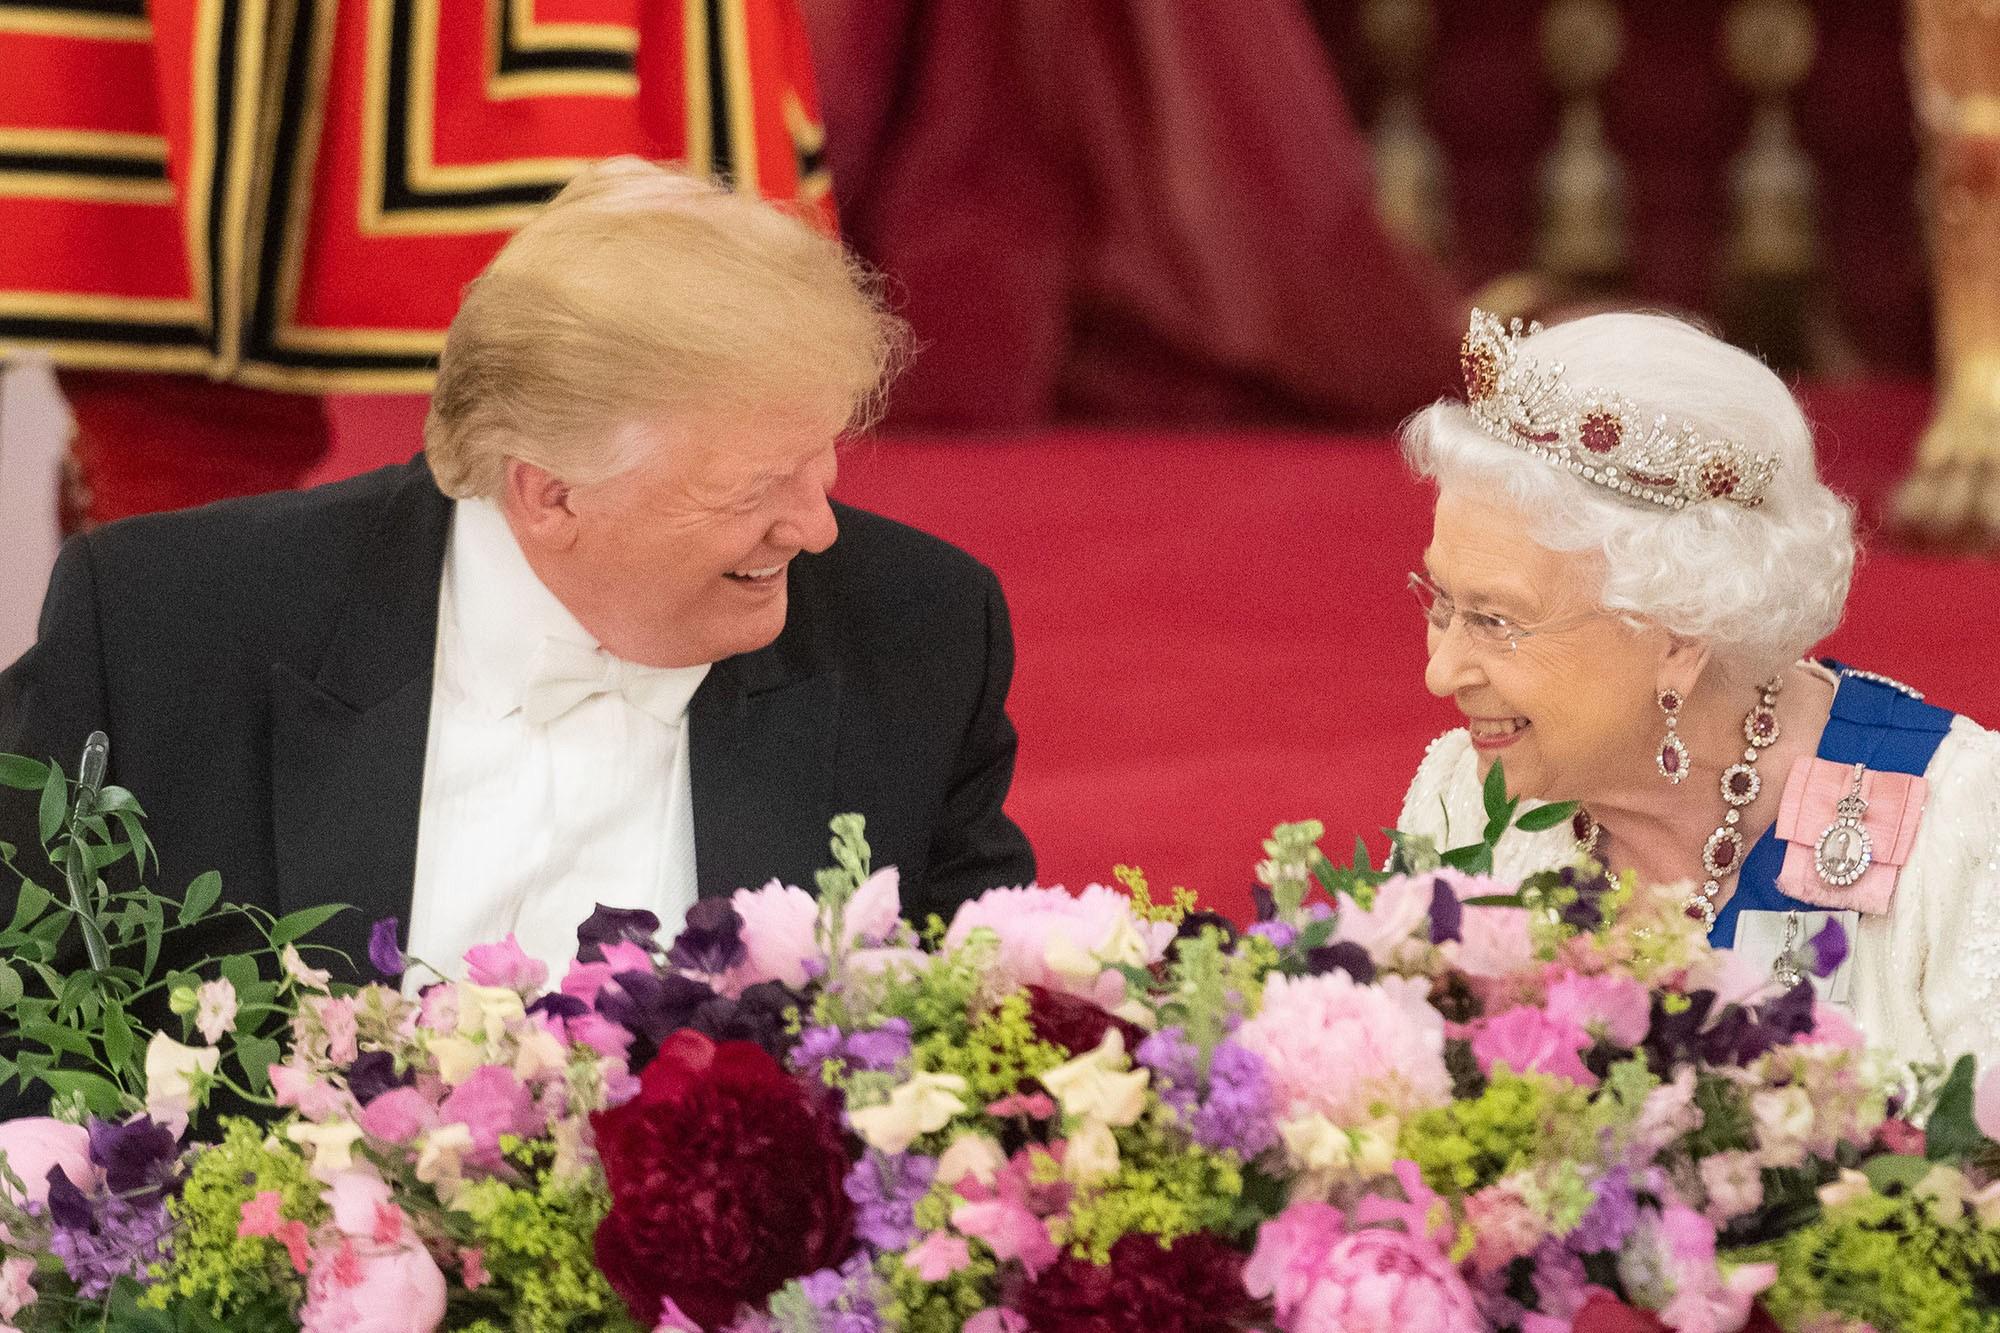 di Luca Marfé Seduti a capotavola, sorridenti e fianco a fianco, dalla stessa parte della Storia. Donald Trump e la regina Elisabetta, Stati Uniti e Regno Unito, con l'Europa alla finestra a guardare la rinascita di un'amicizia che è già quasi un'alleanza. Tutto molto complesso, tutto molto delicato. Tutto, però, nelle mani dell'esperienza del sovrano della dinastia britannica, ultimo grande gigante del nostro tempo. Tutto perfetto, dunque. 93 primavere, 66 anni e un giorno di regno,